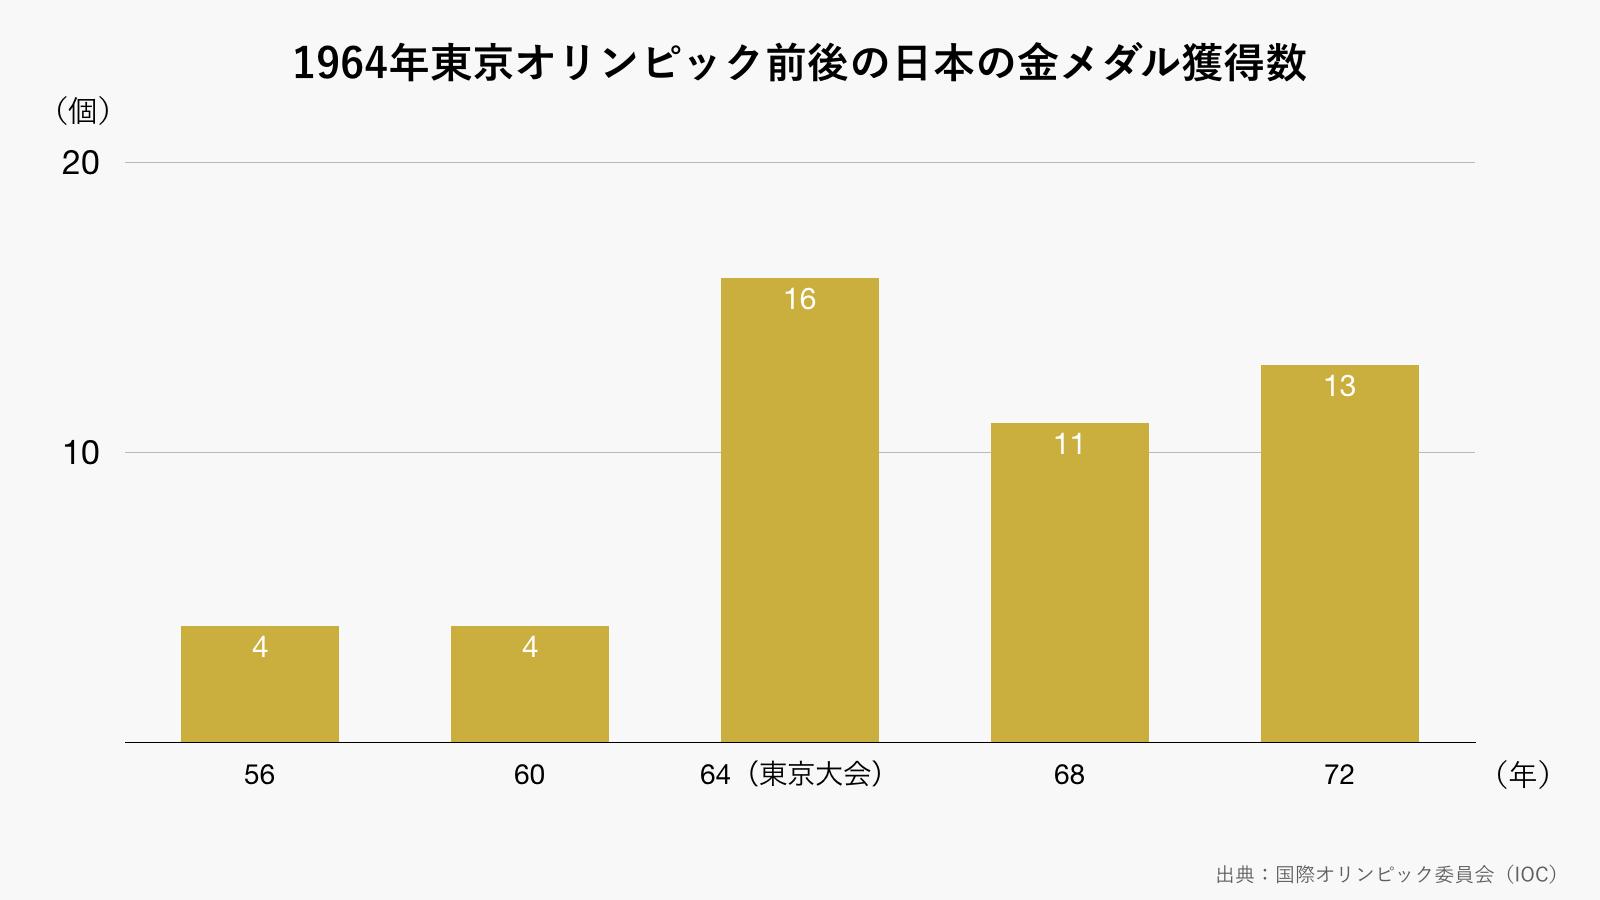 1964東京オリンピック前後の日本の金メダル獲得数(グレー)